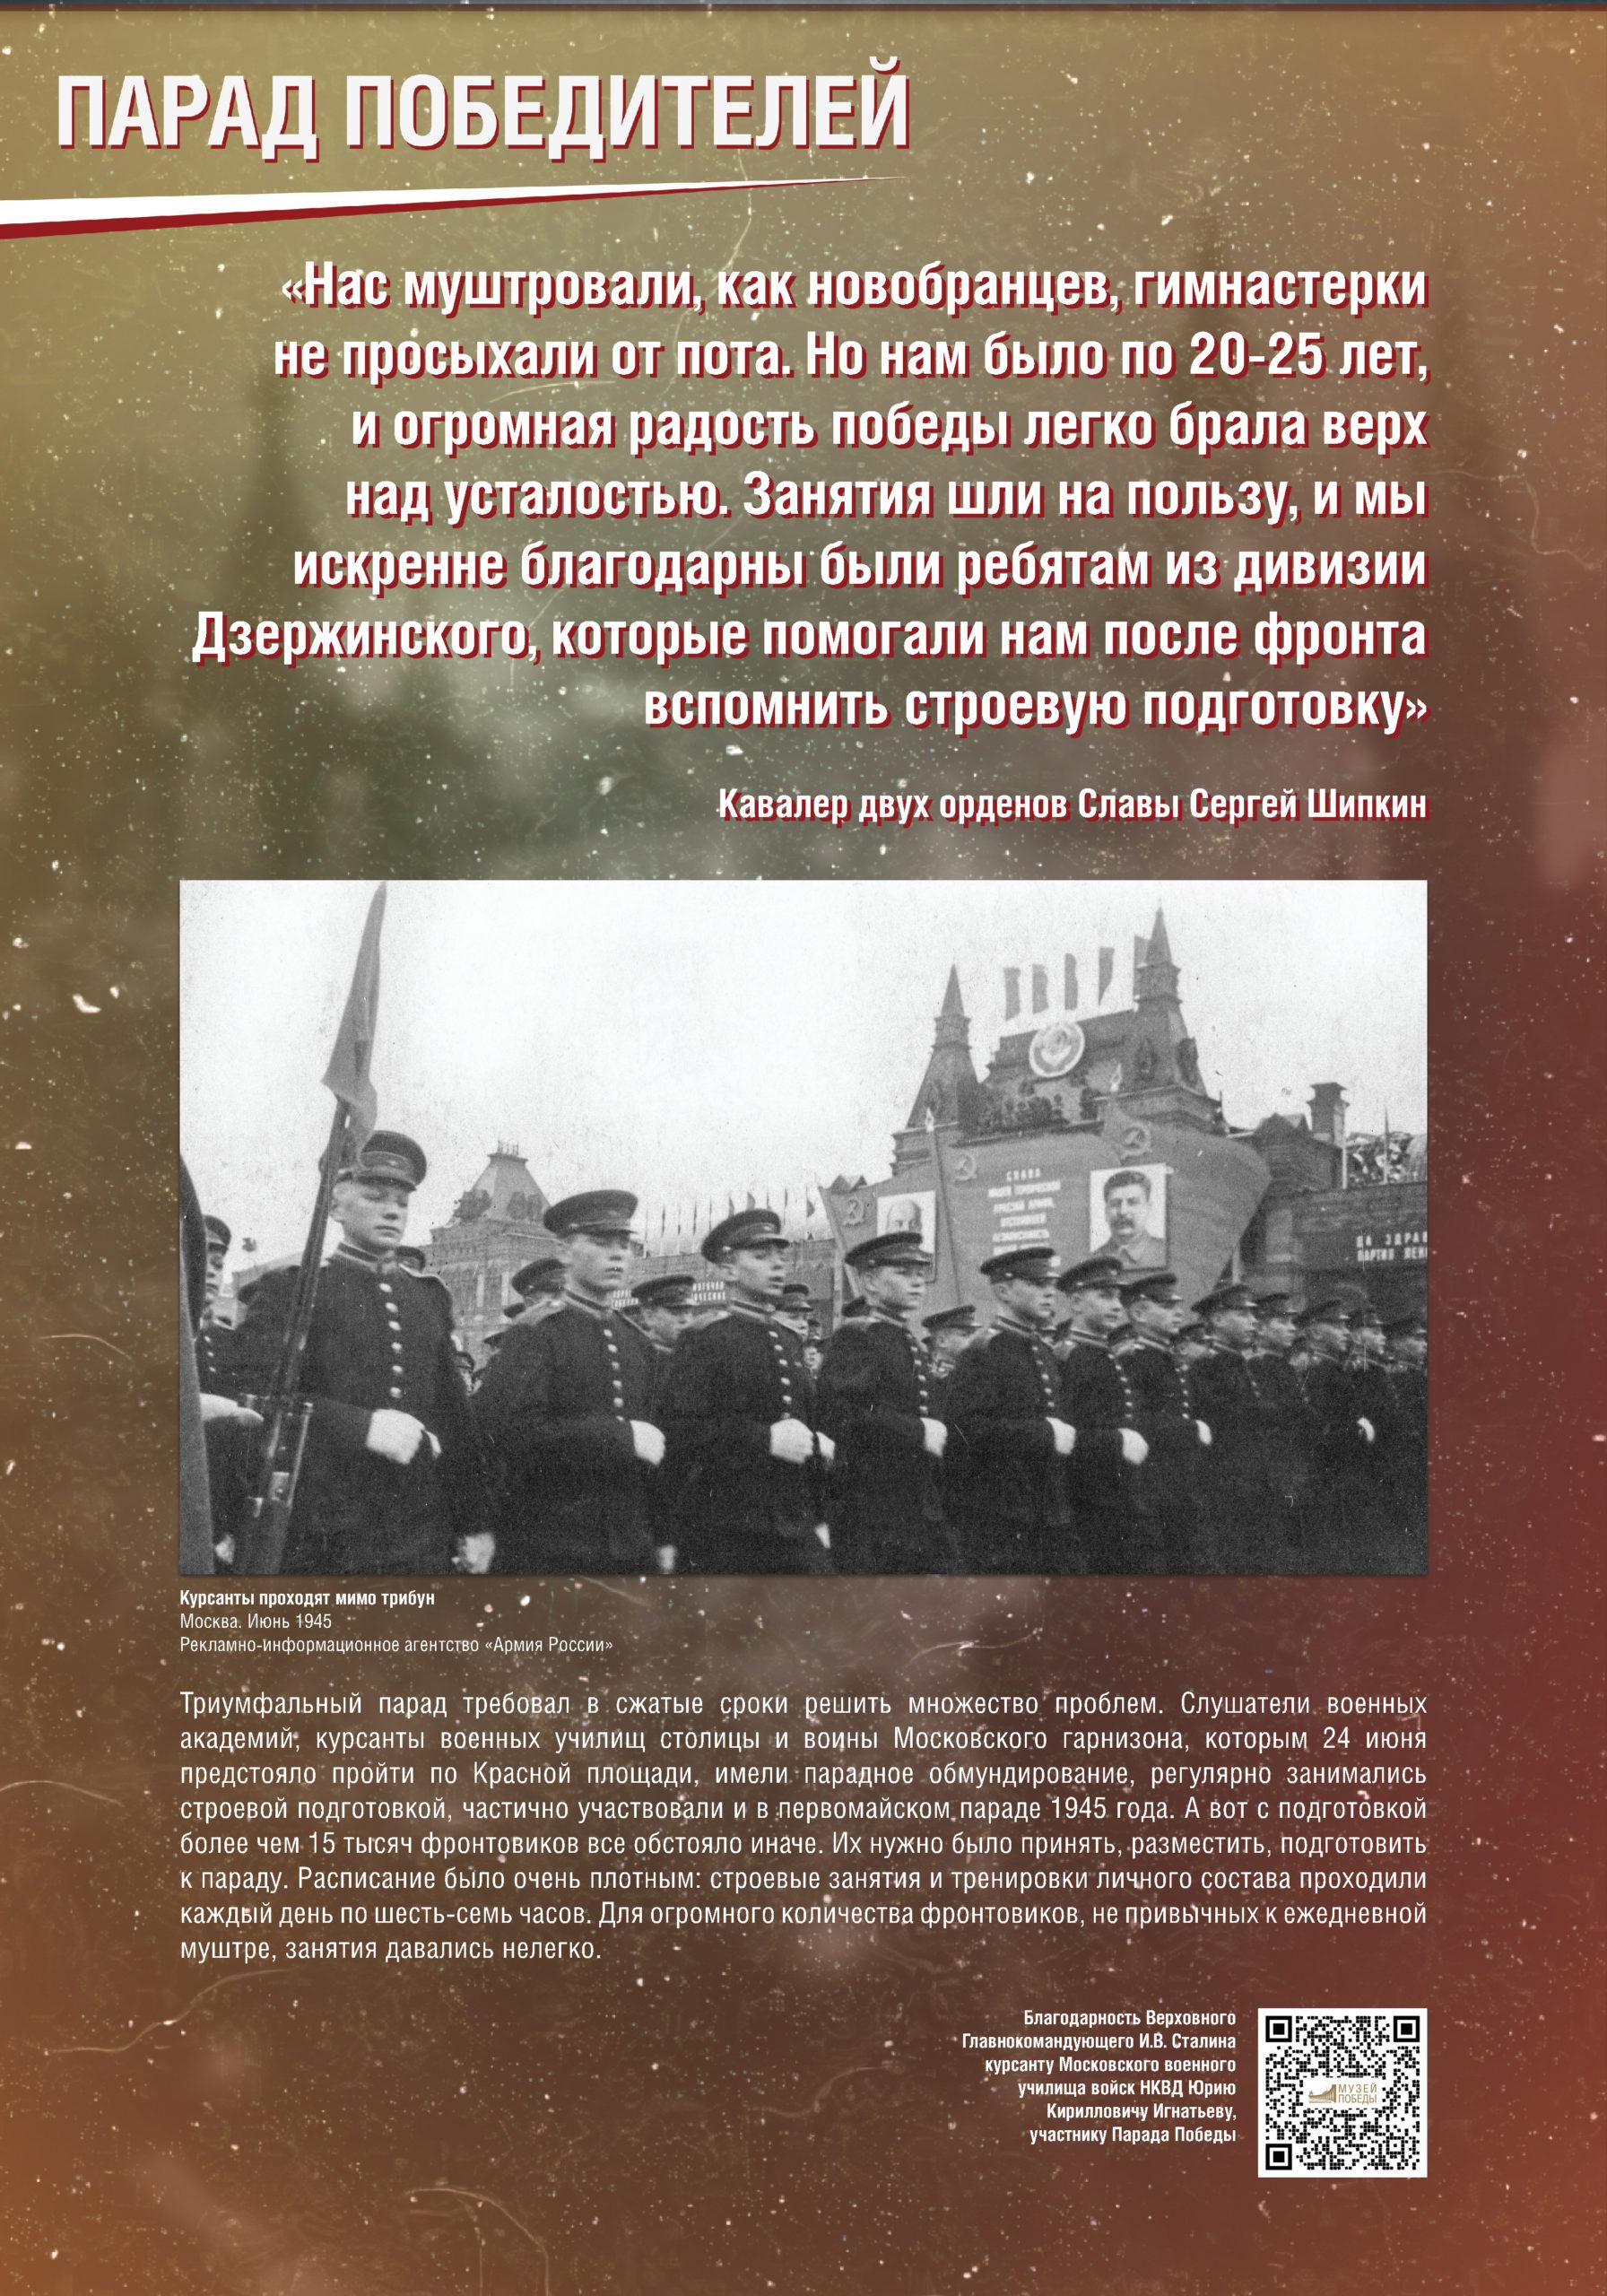 parad_pobediteley_1906_Page11